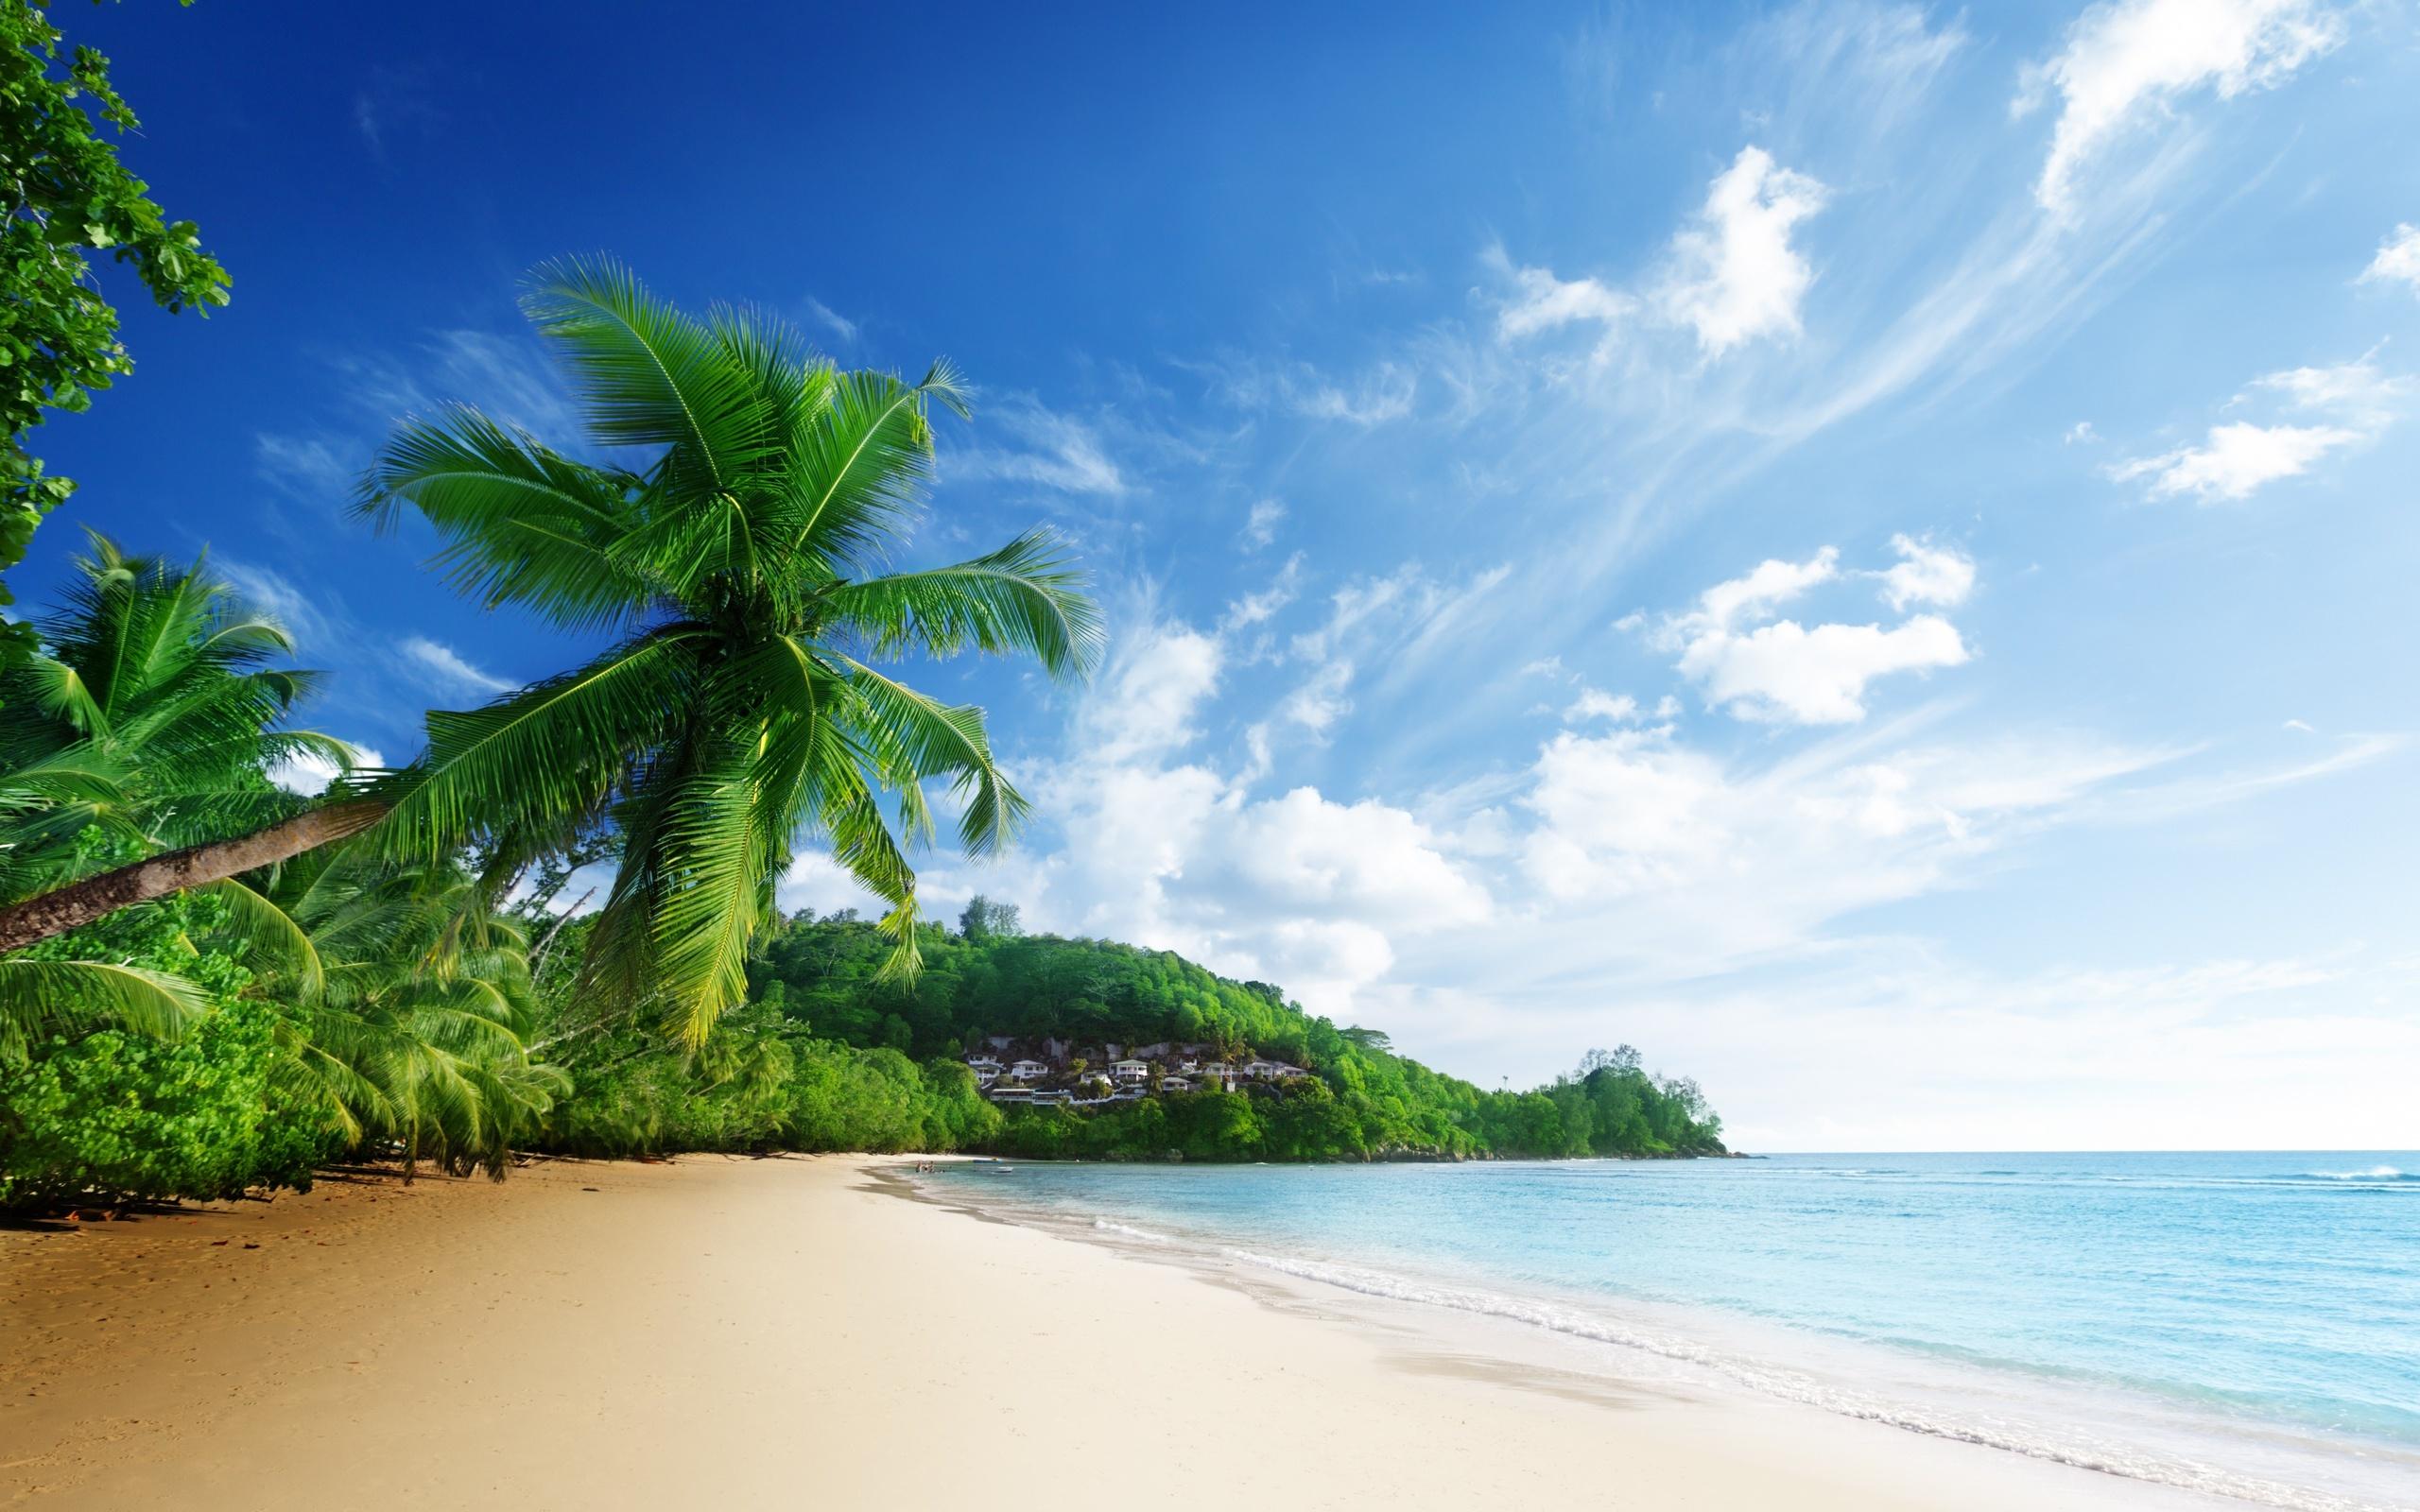 High Resolution Awesome Beach Desktop Wallpaper High Resolution Full 2560x1600